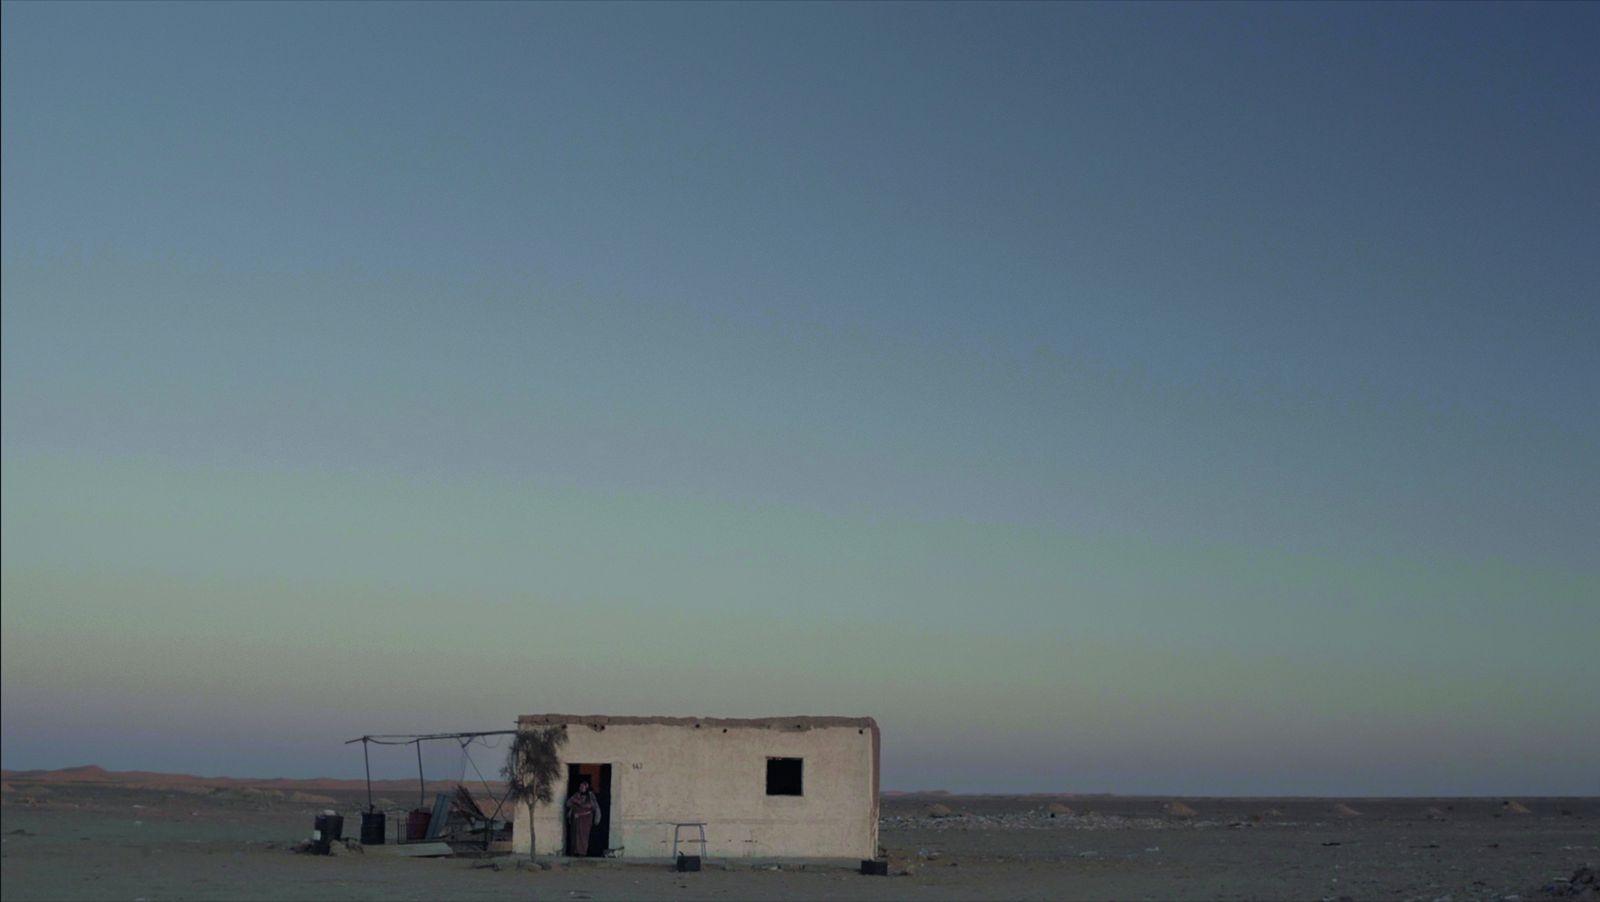 143 Rue du Désert (BANDE-ANNONCE) Documentaire de Hassen Ferhani - Le 16 juin 2021 au cinéma